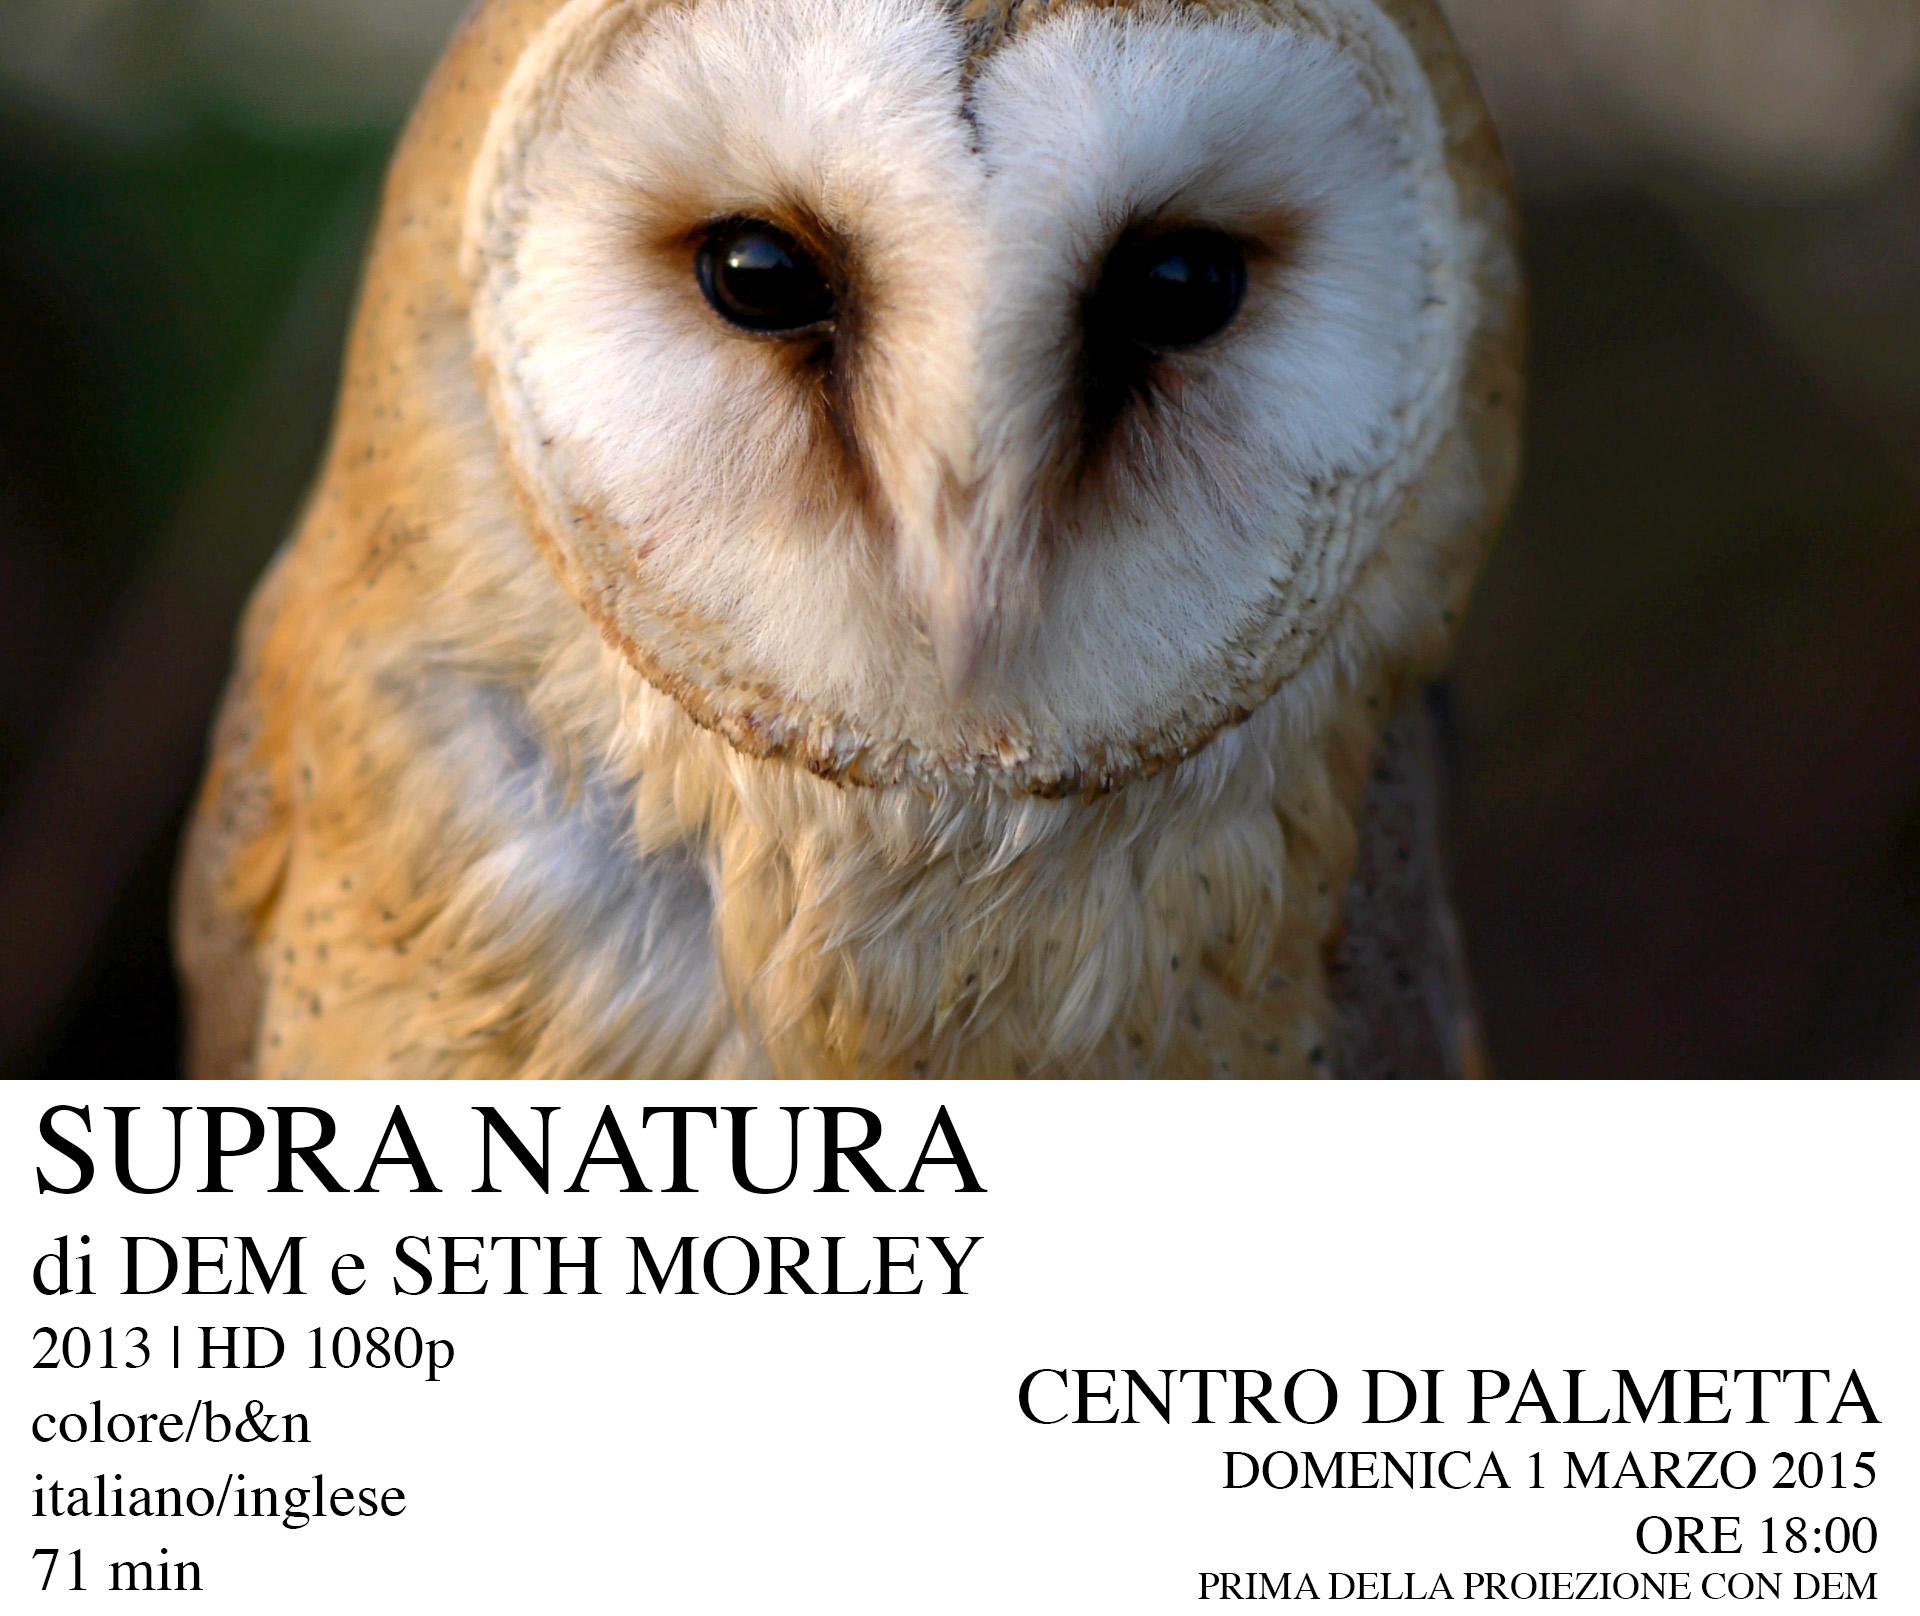 SUPRA NATURA di DEM e SETH MORLEY | Domenica 1 Marzo 2015  Ore 18:00